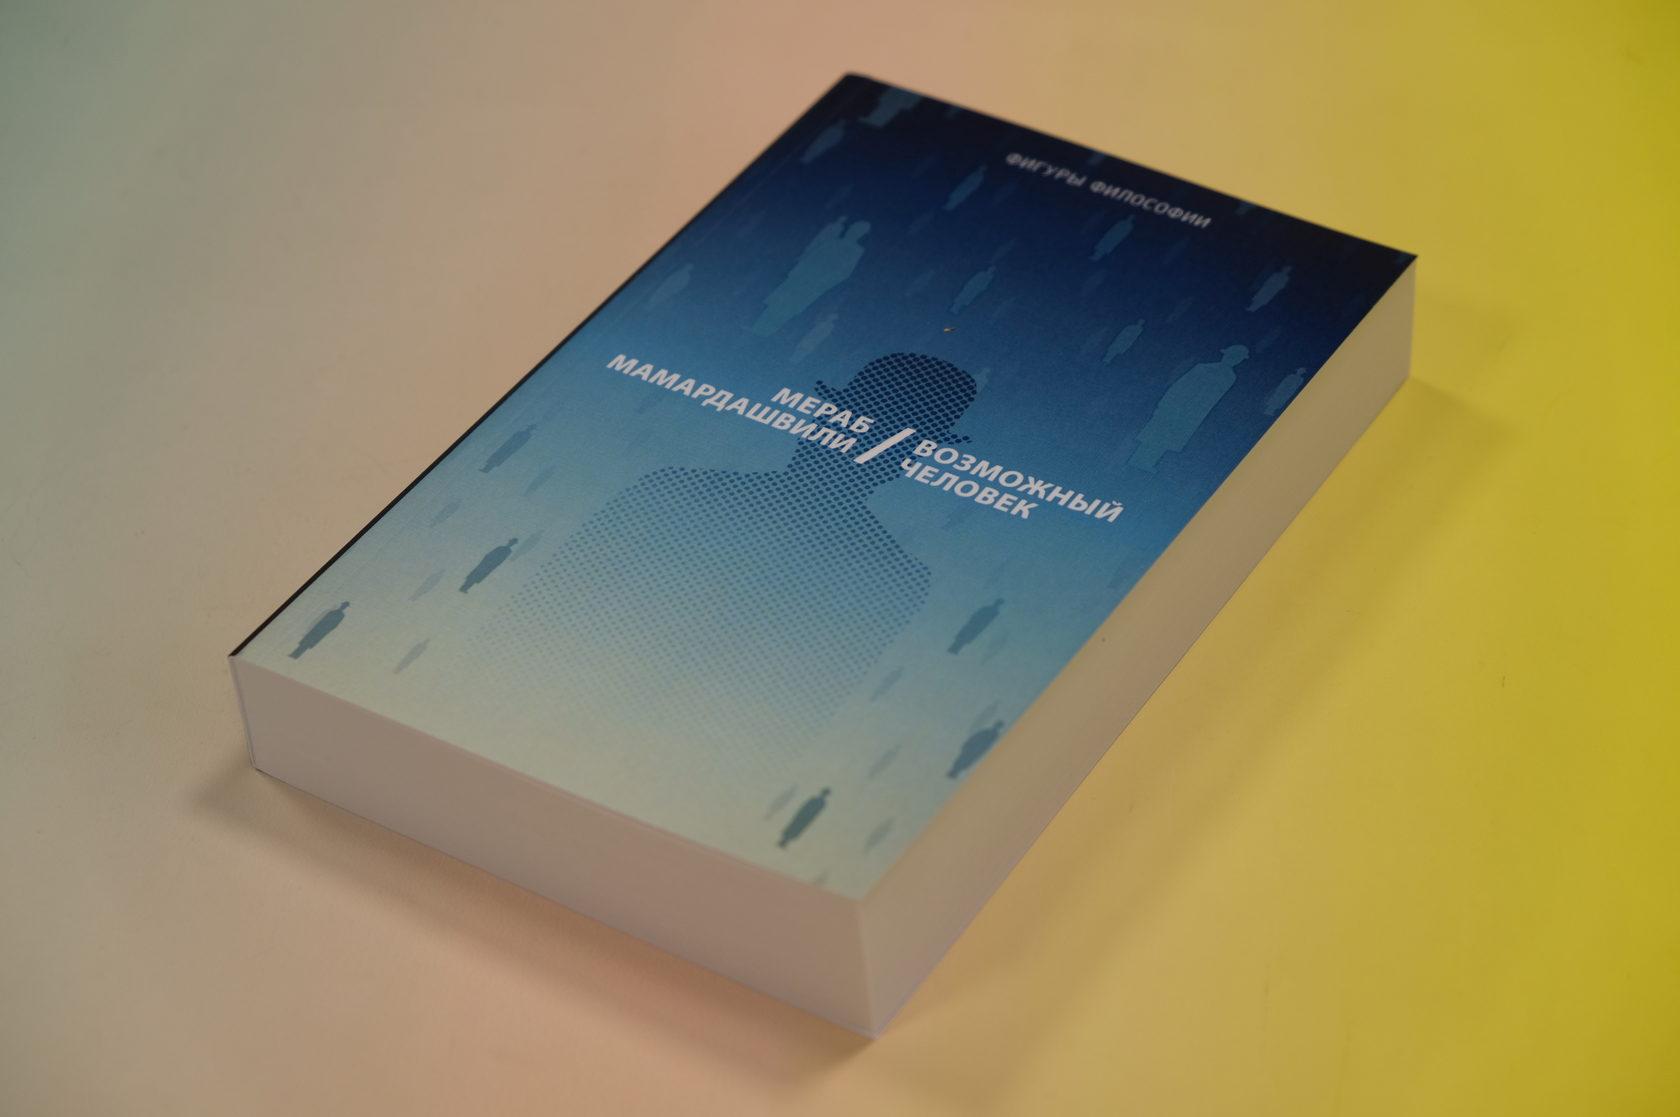 Купить книгу Мераб Мамардашвили «Возможный человек» 978-5-386-12507-3